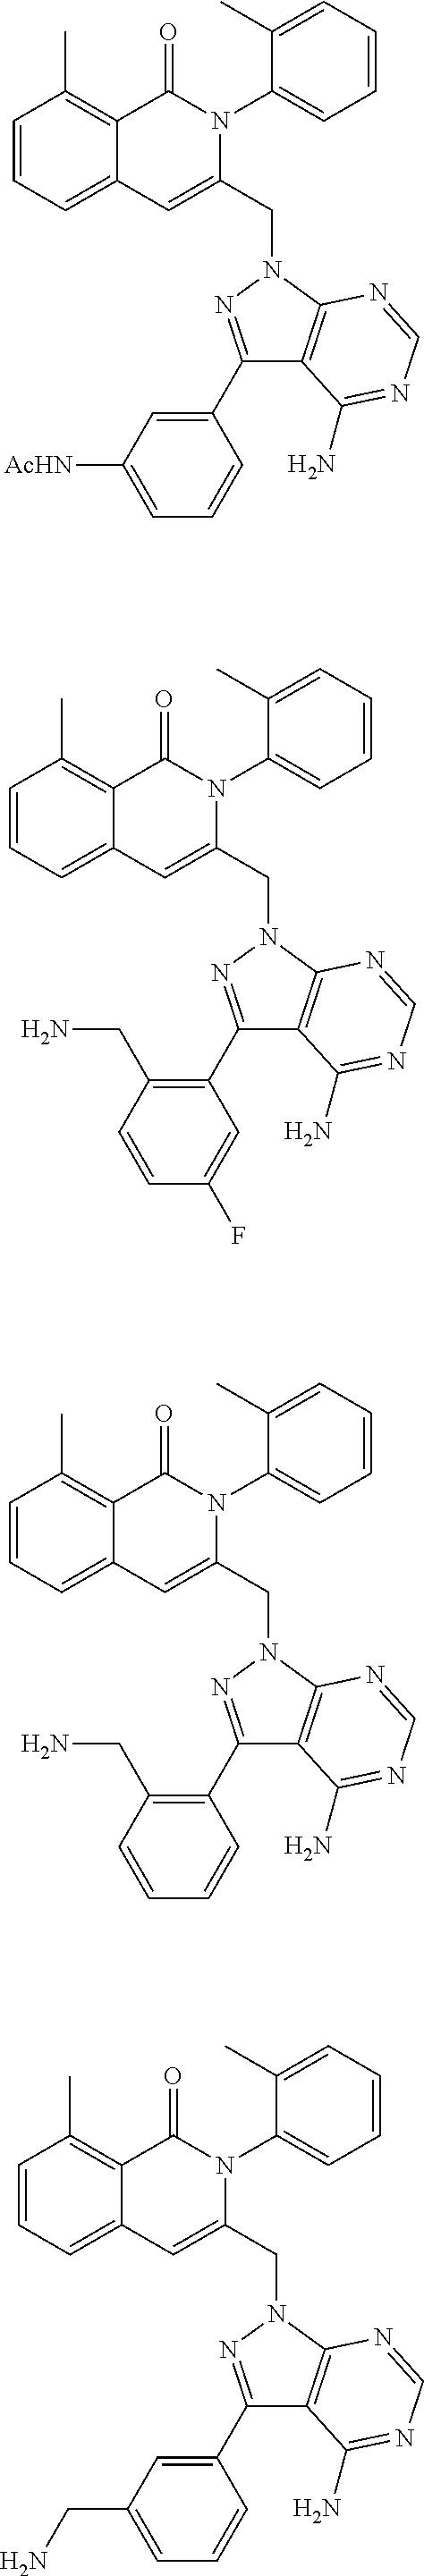 Figure US09216982-20151222-C00279